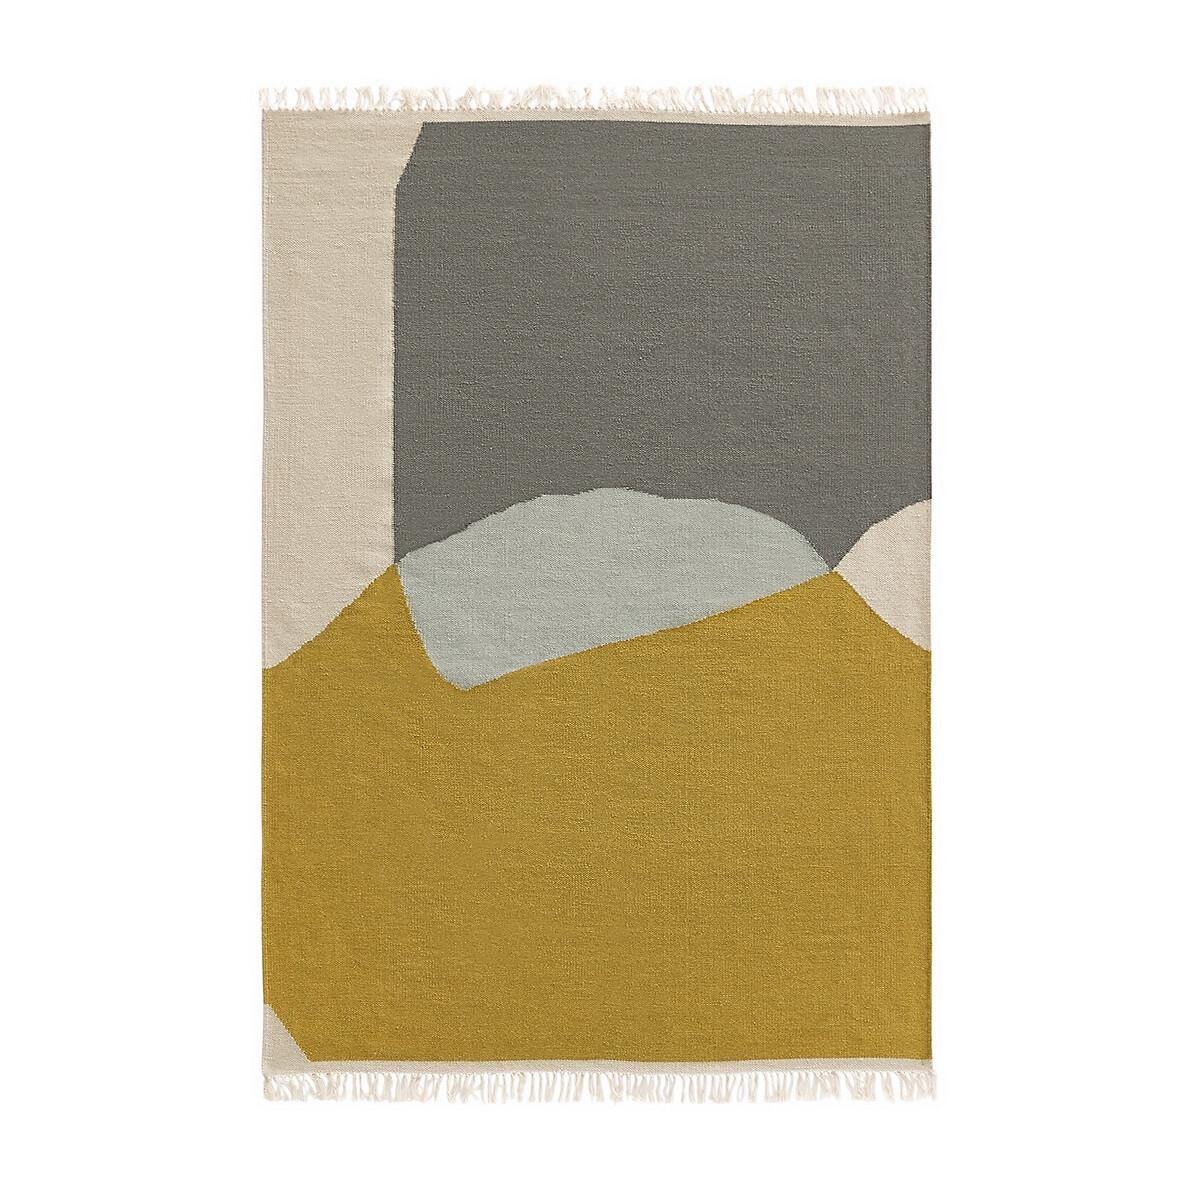 Ковер La Redoute Из шерсти и хлопка Ankara 120 x 170 см разноцветный